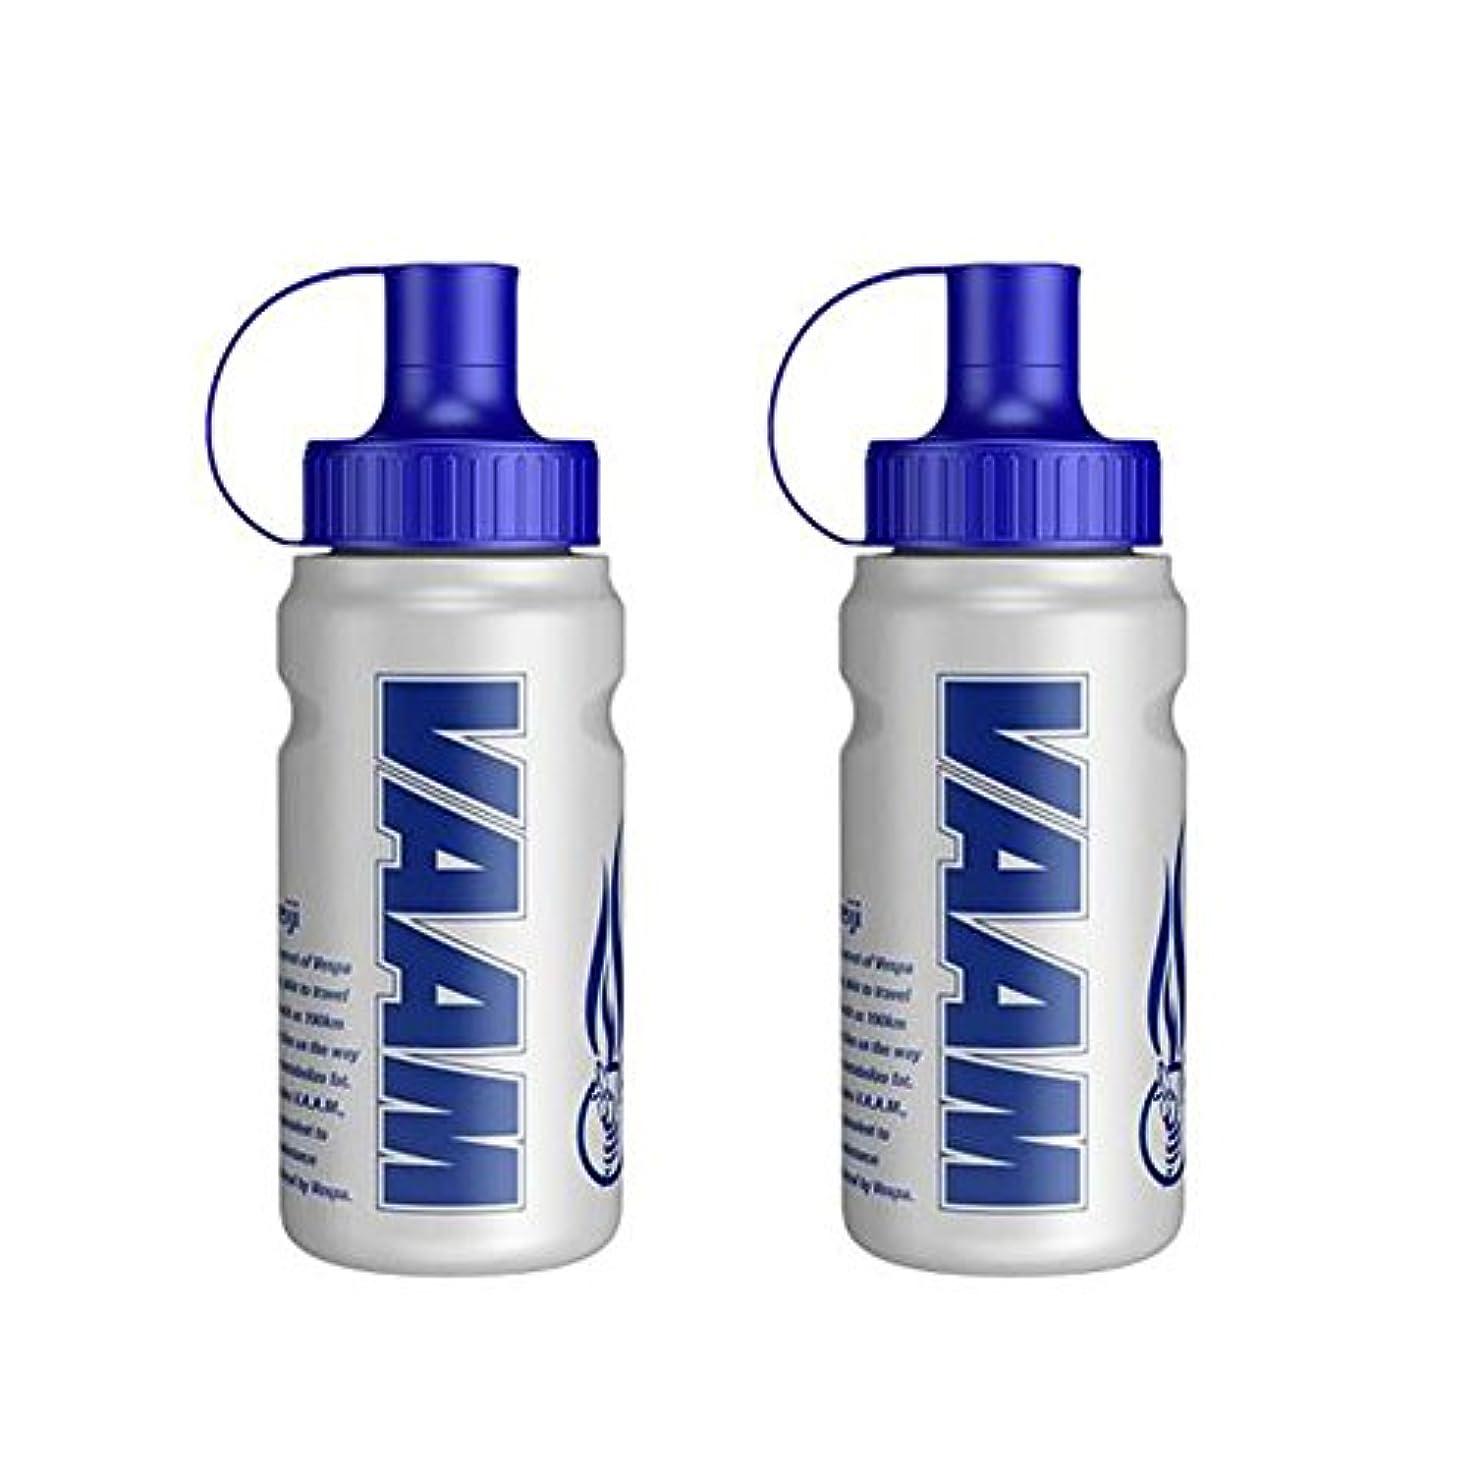 からに変化するオッズ同じMGN(明治乳業) ヴァームスクイズボトル 500ml 2個セット 2650968-2SET